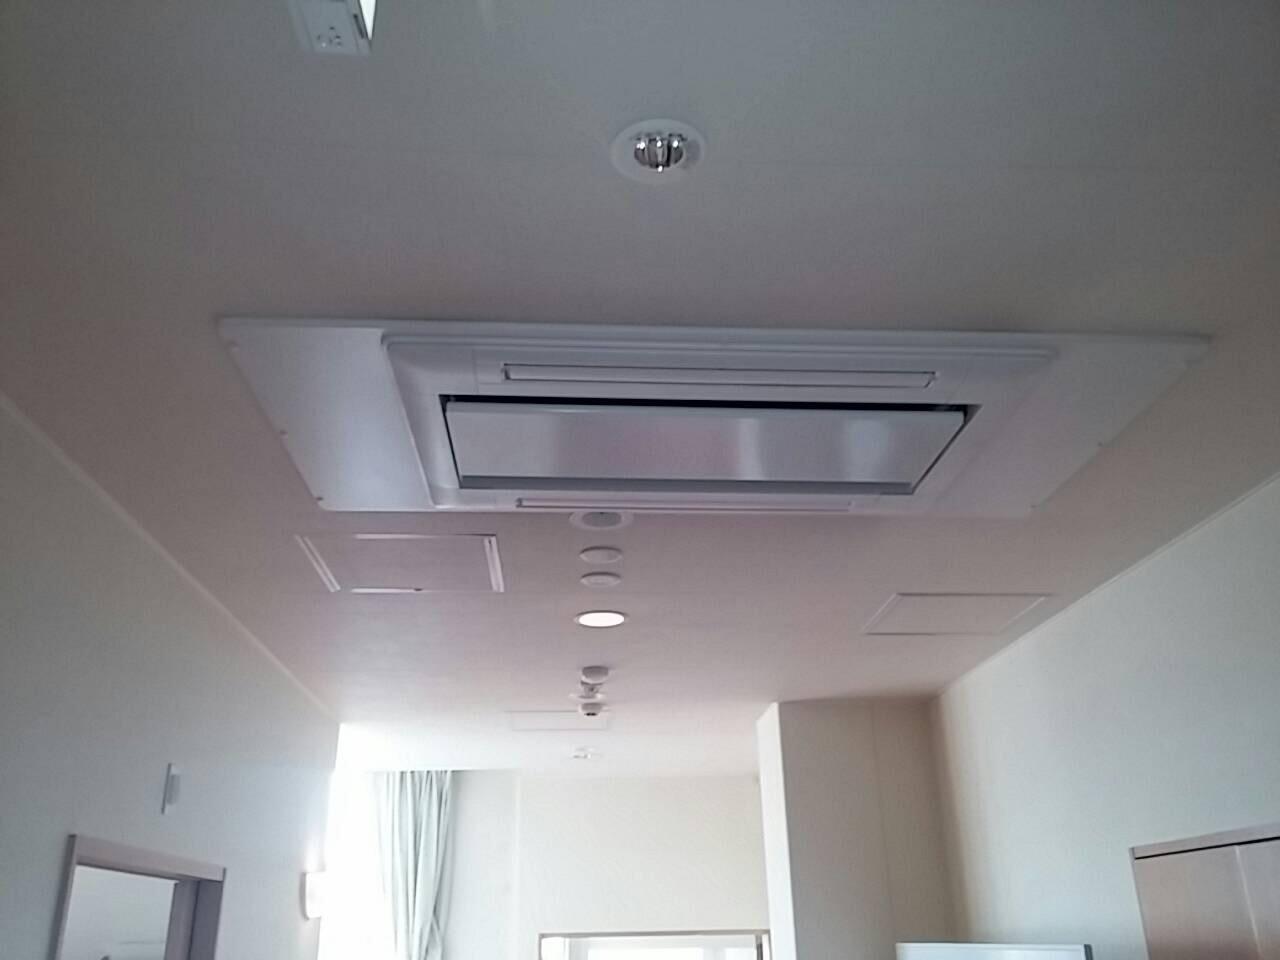 日立 業務用エアコン修理 天カセ2方向リニューアル工事 施工日2016年8月1日